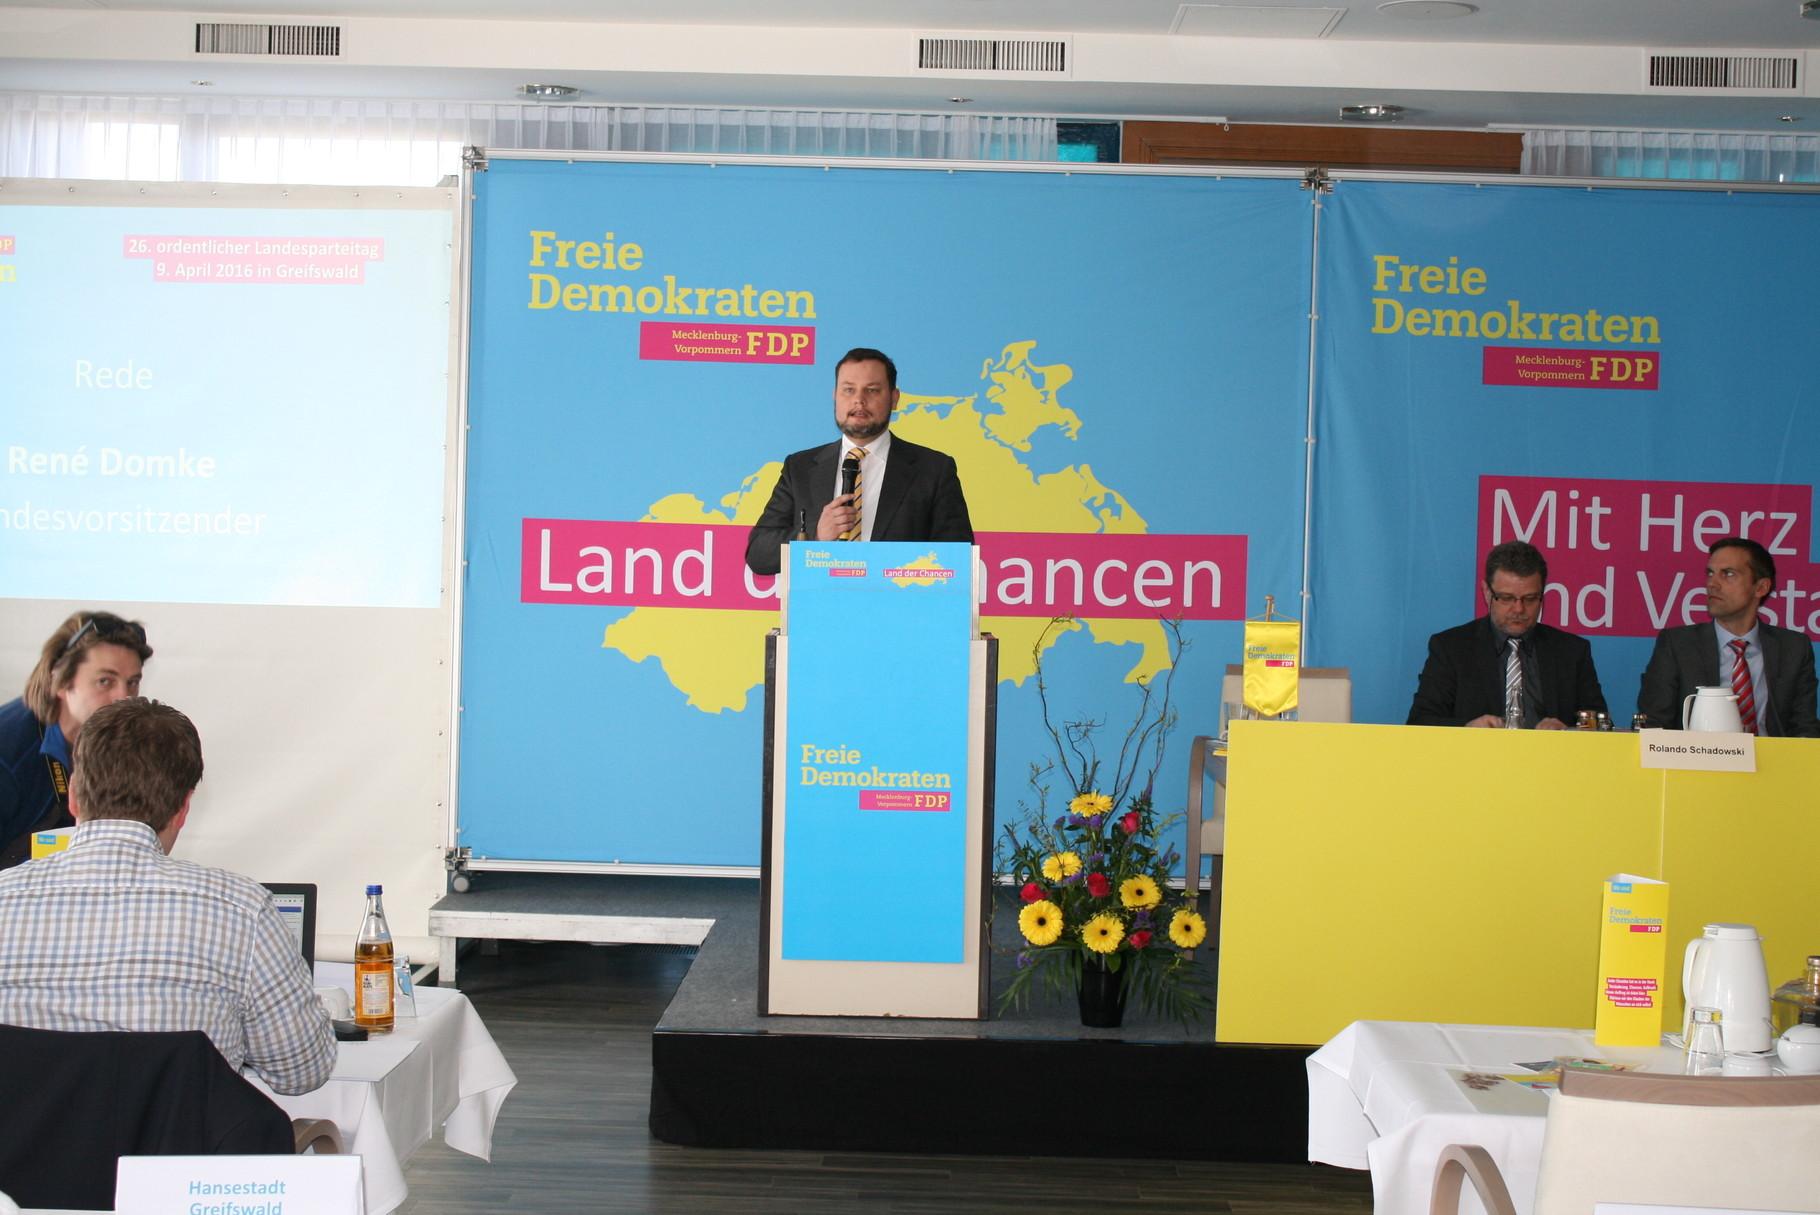 Eröffnung und Begrüßung durch den Landesvorsitzenden René Domke.